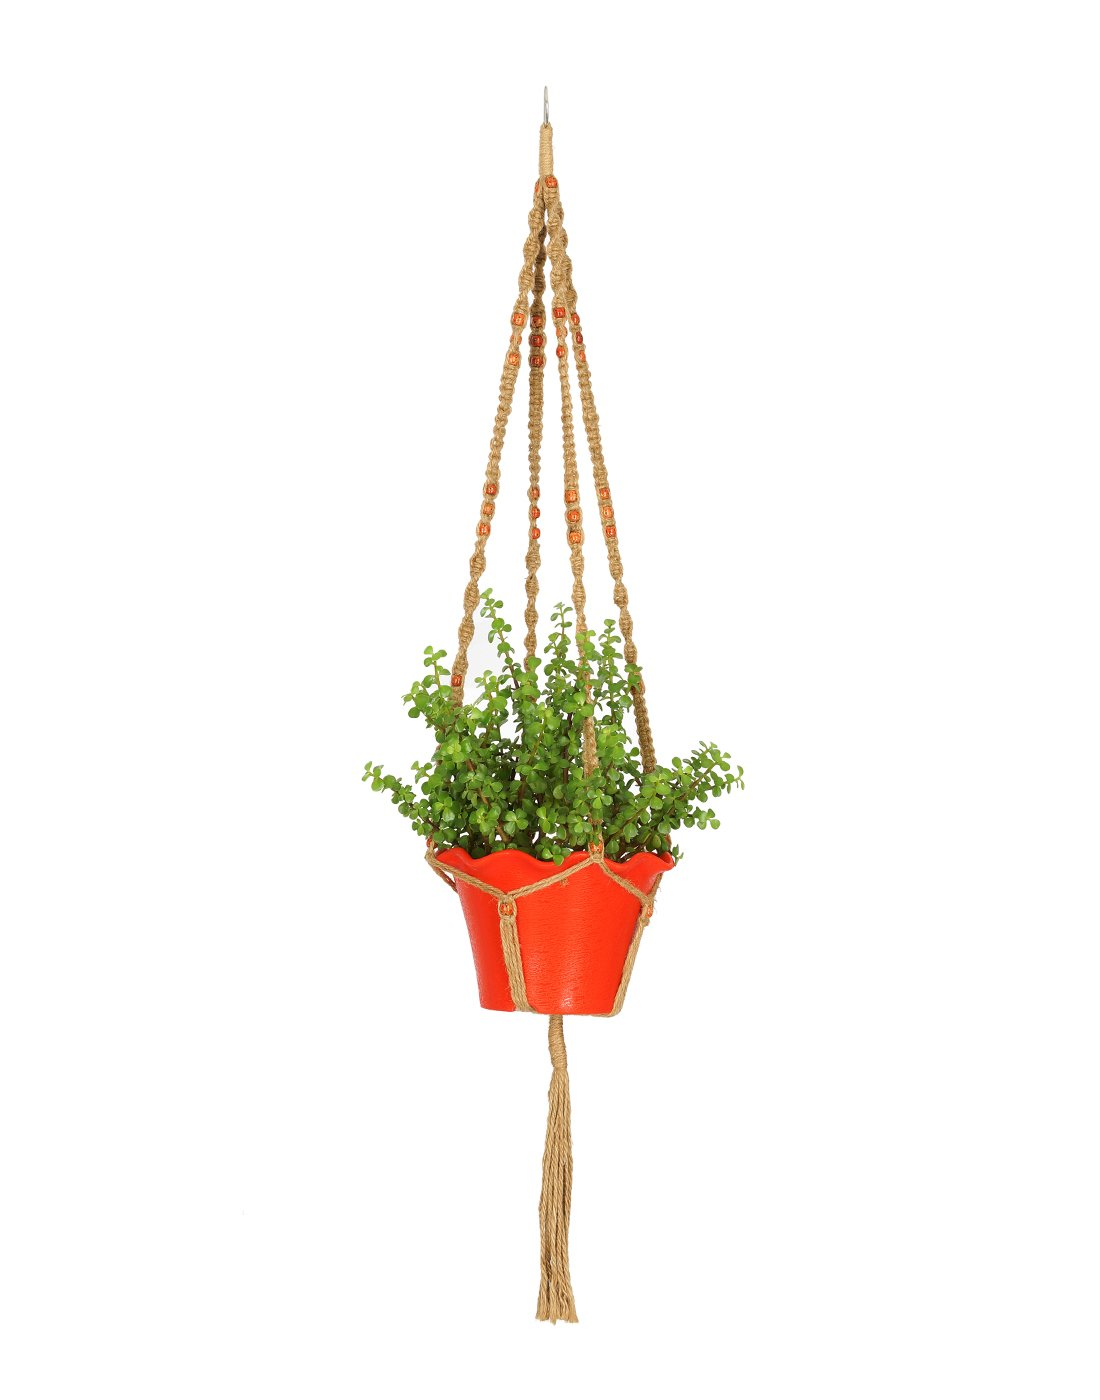 Amazon.com: AshmanOnline Plant Hanger Macrame Jute 4 Legs 48 Inch With  Beads: Garden U0026 Outdoor